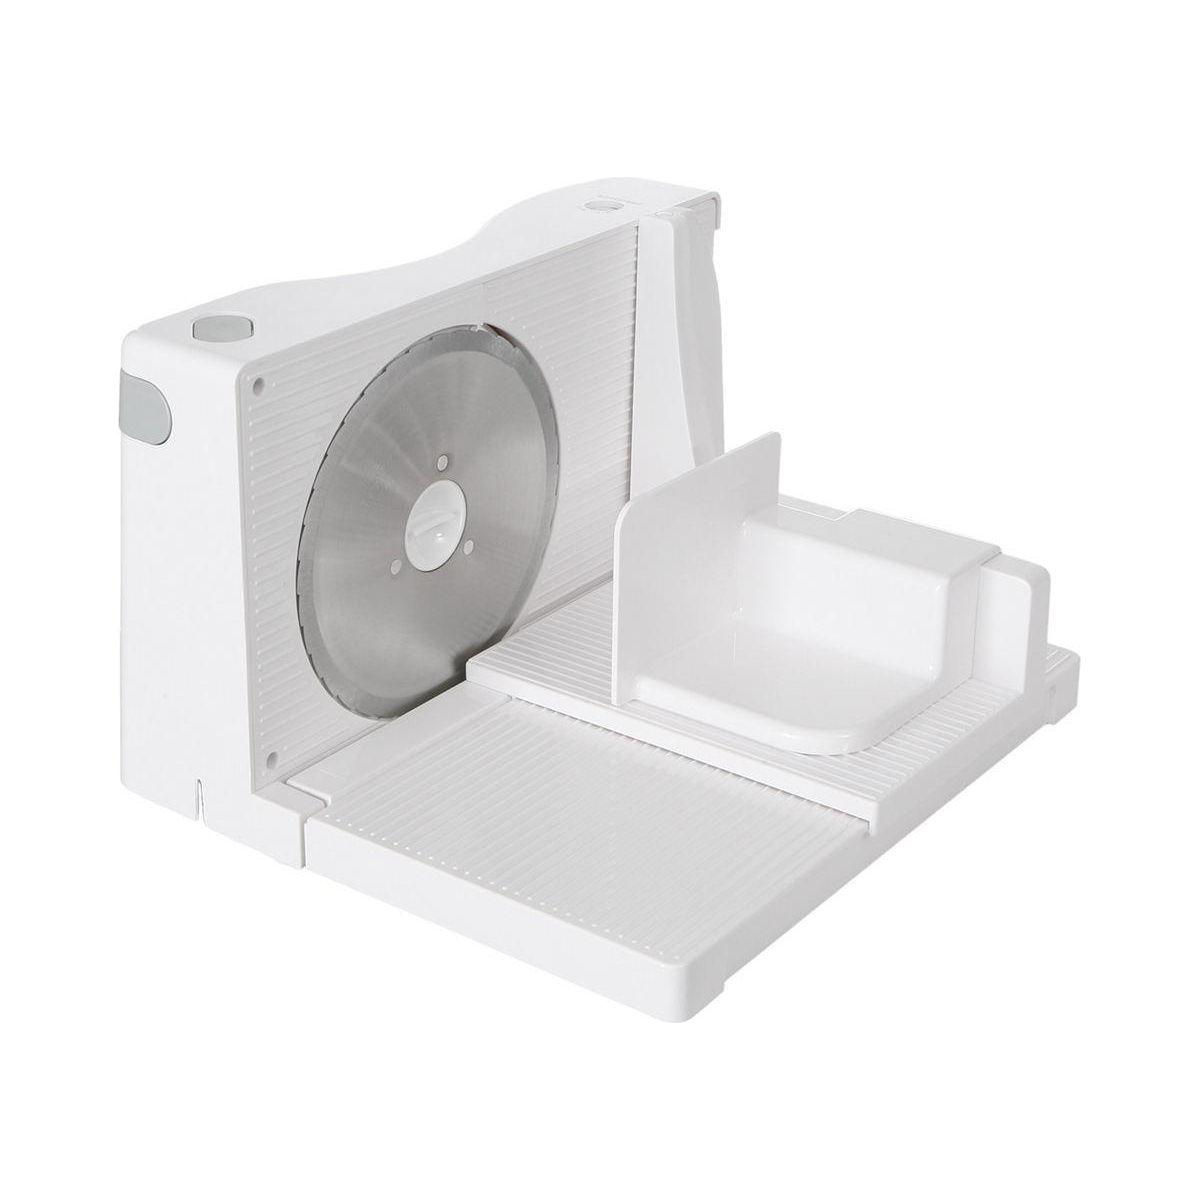 Trancheuse électrique SEB 856604 TRA TRANCHEUSE PLAST BLC EUR